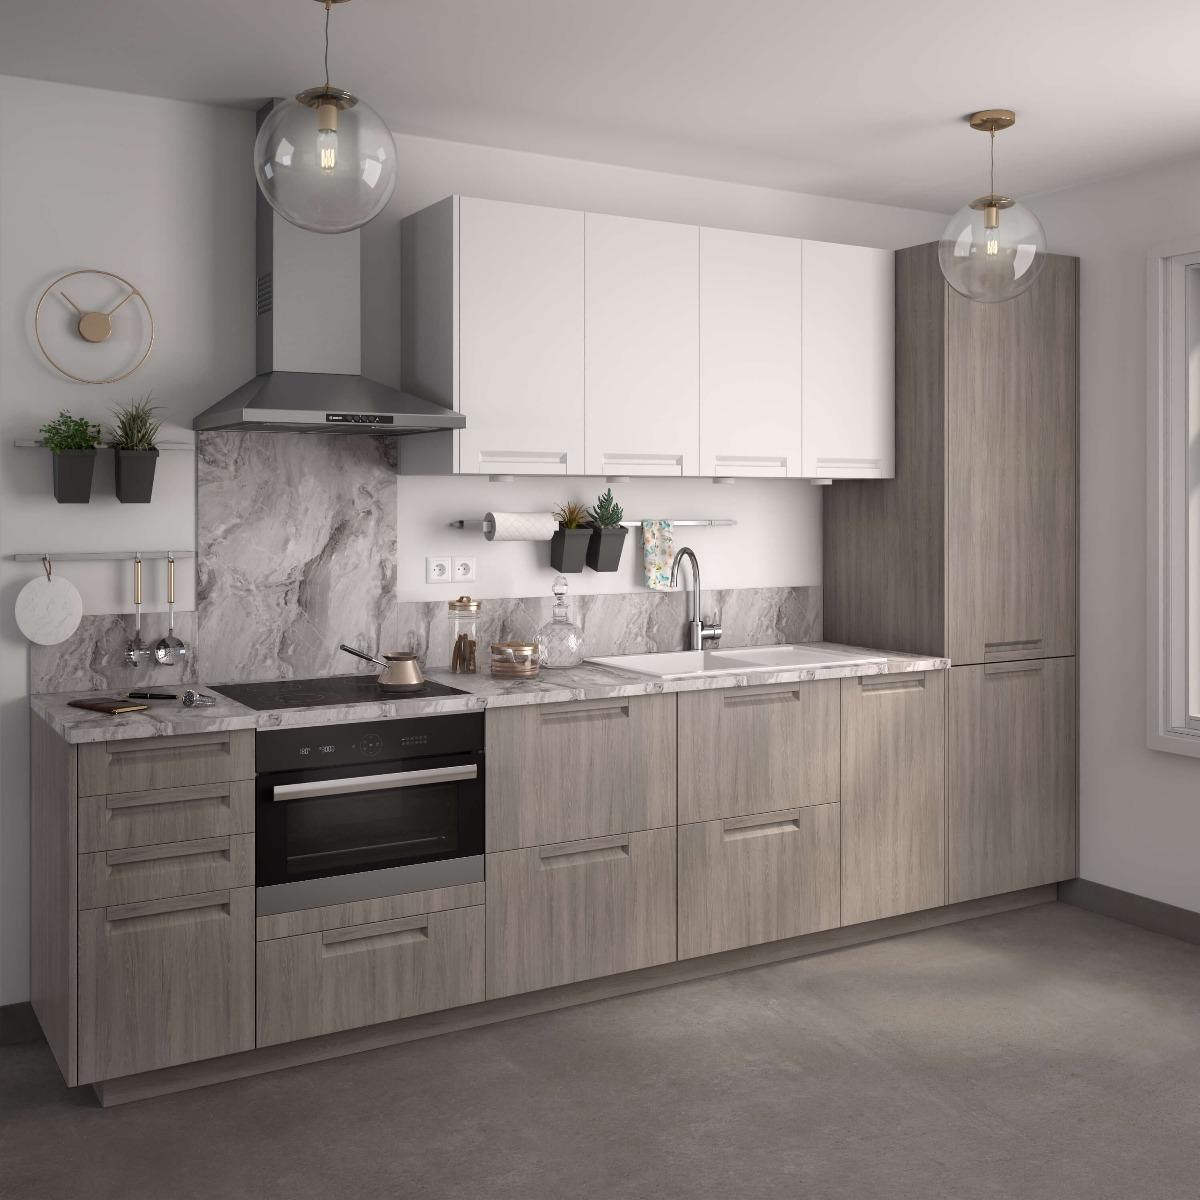 Delinia Evora White Designer Kitchen Mobi - Example 6